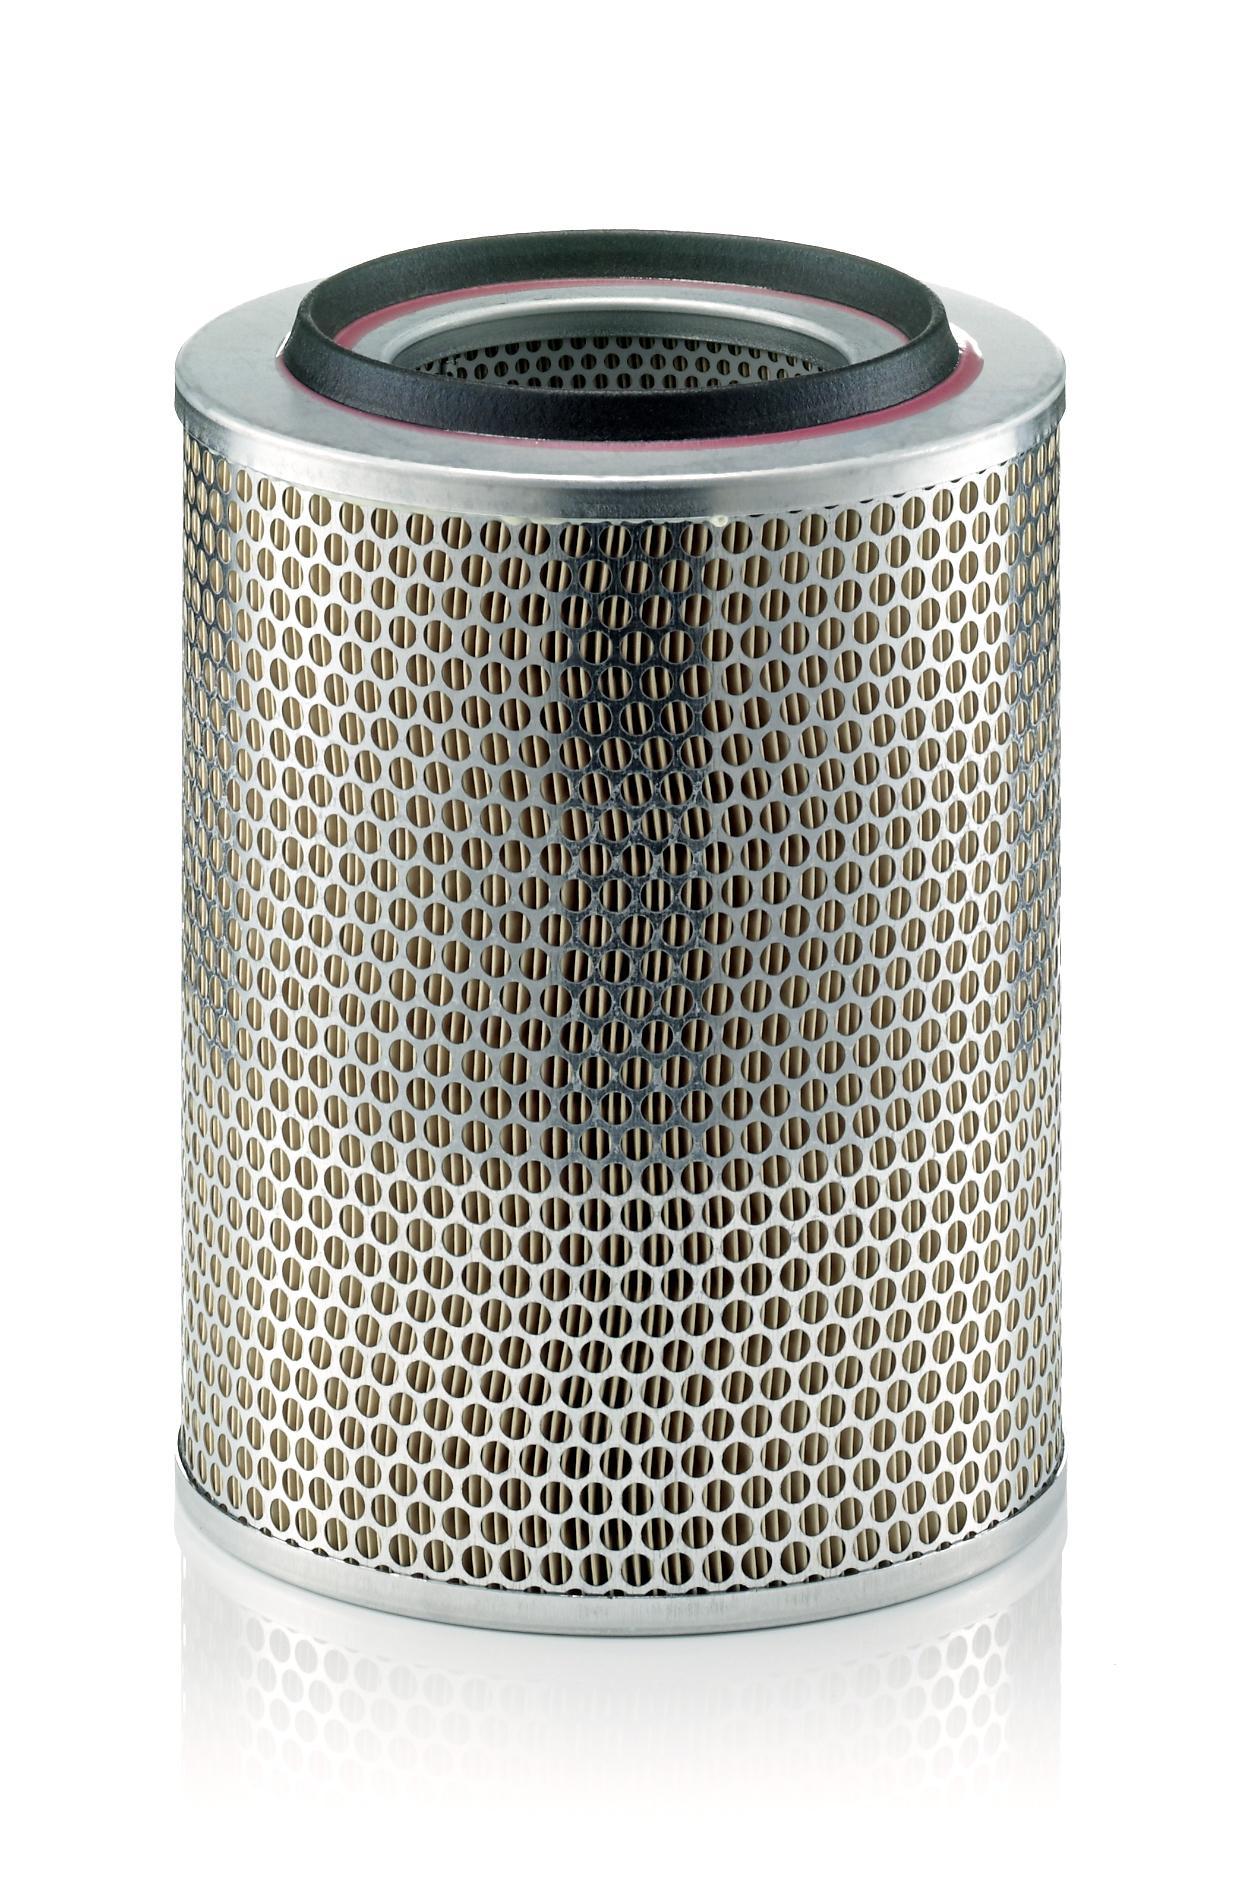 MANN-FILTER Luftfilter für IVECO - Artikelnummer: C 23 440/2